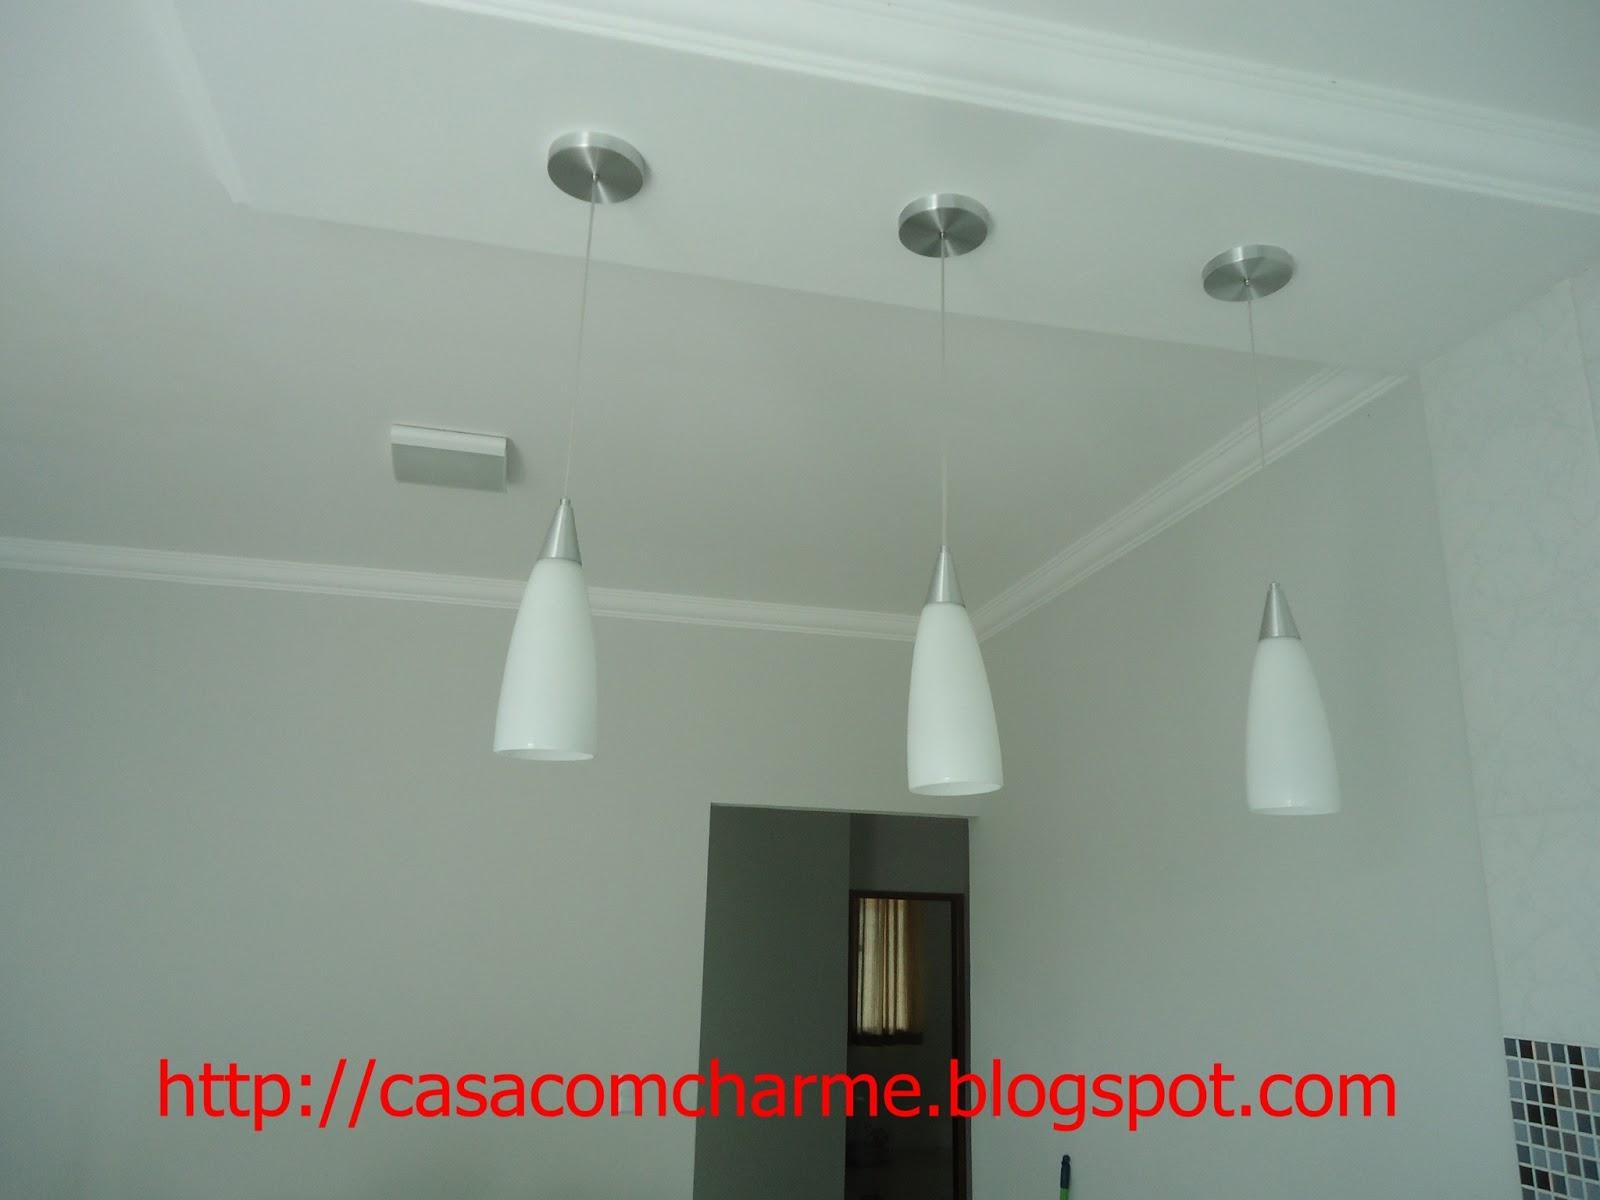 Meus lindos pendentes da cozinha ficam acima do balcão #B31A18 1600 1200